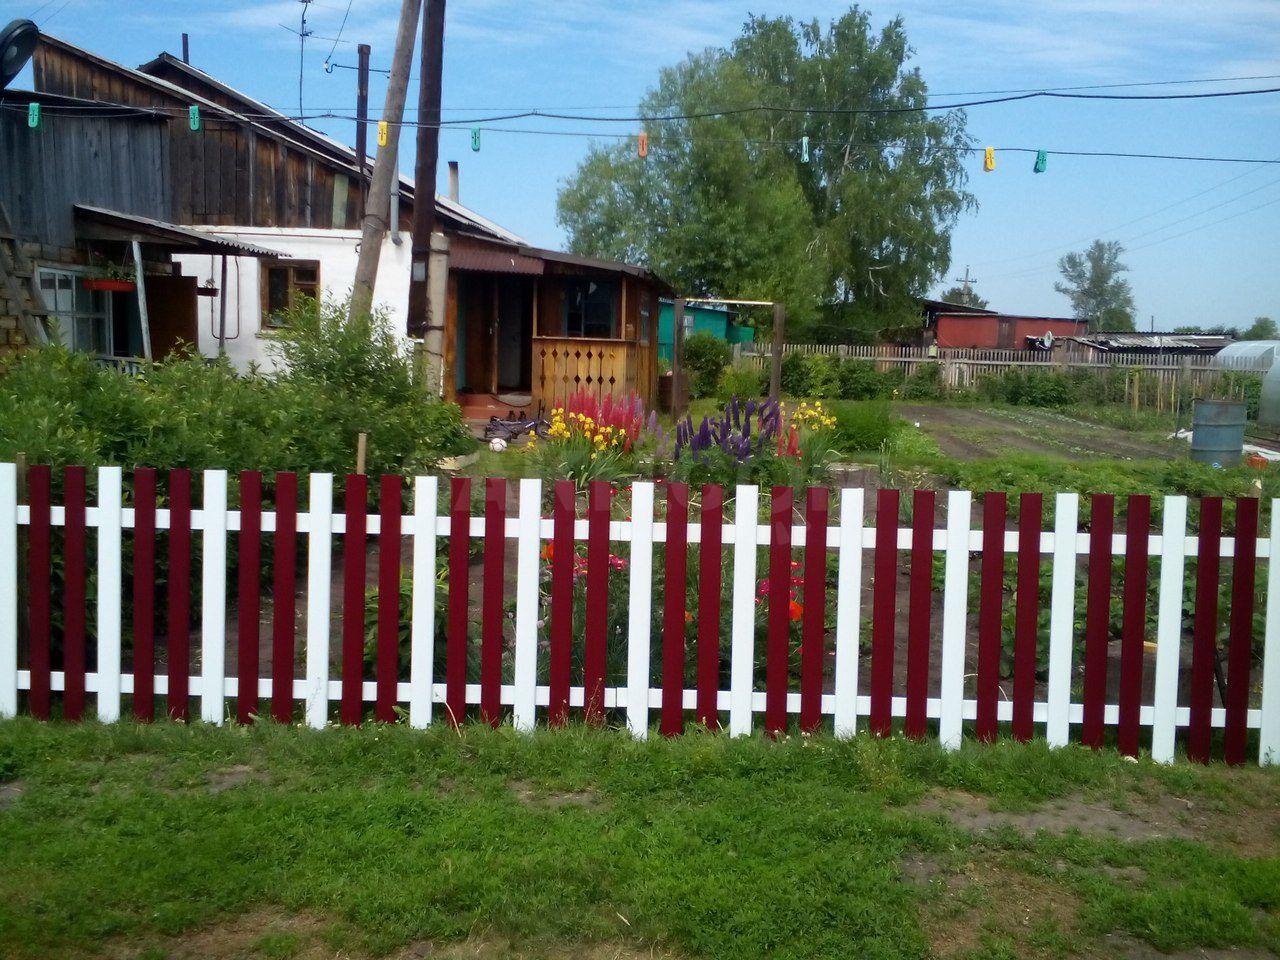 подрастая, что как красиво покрасить забор из штакетника фото прозаическое